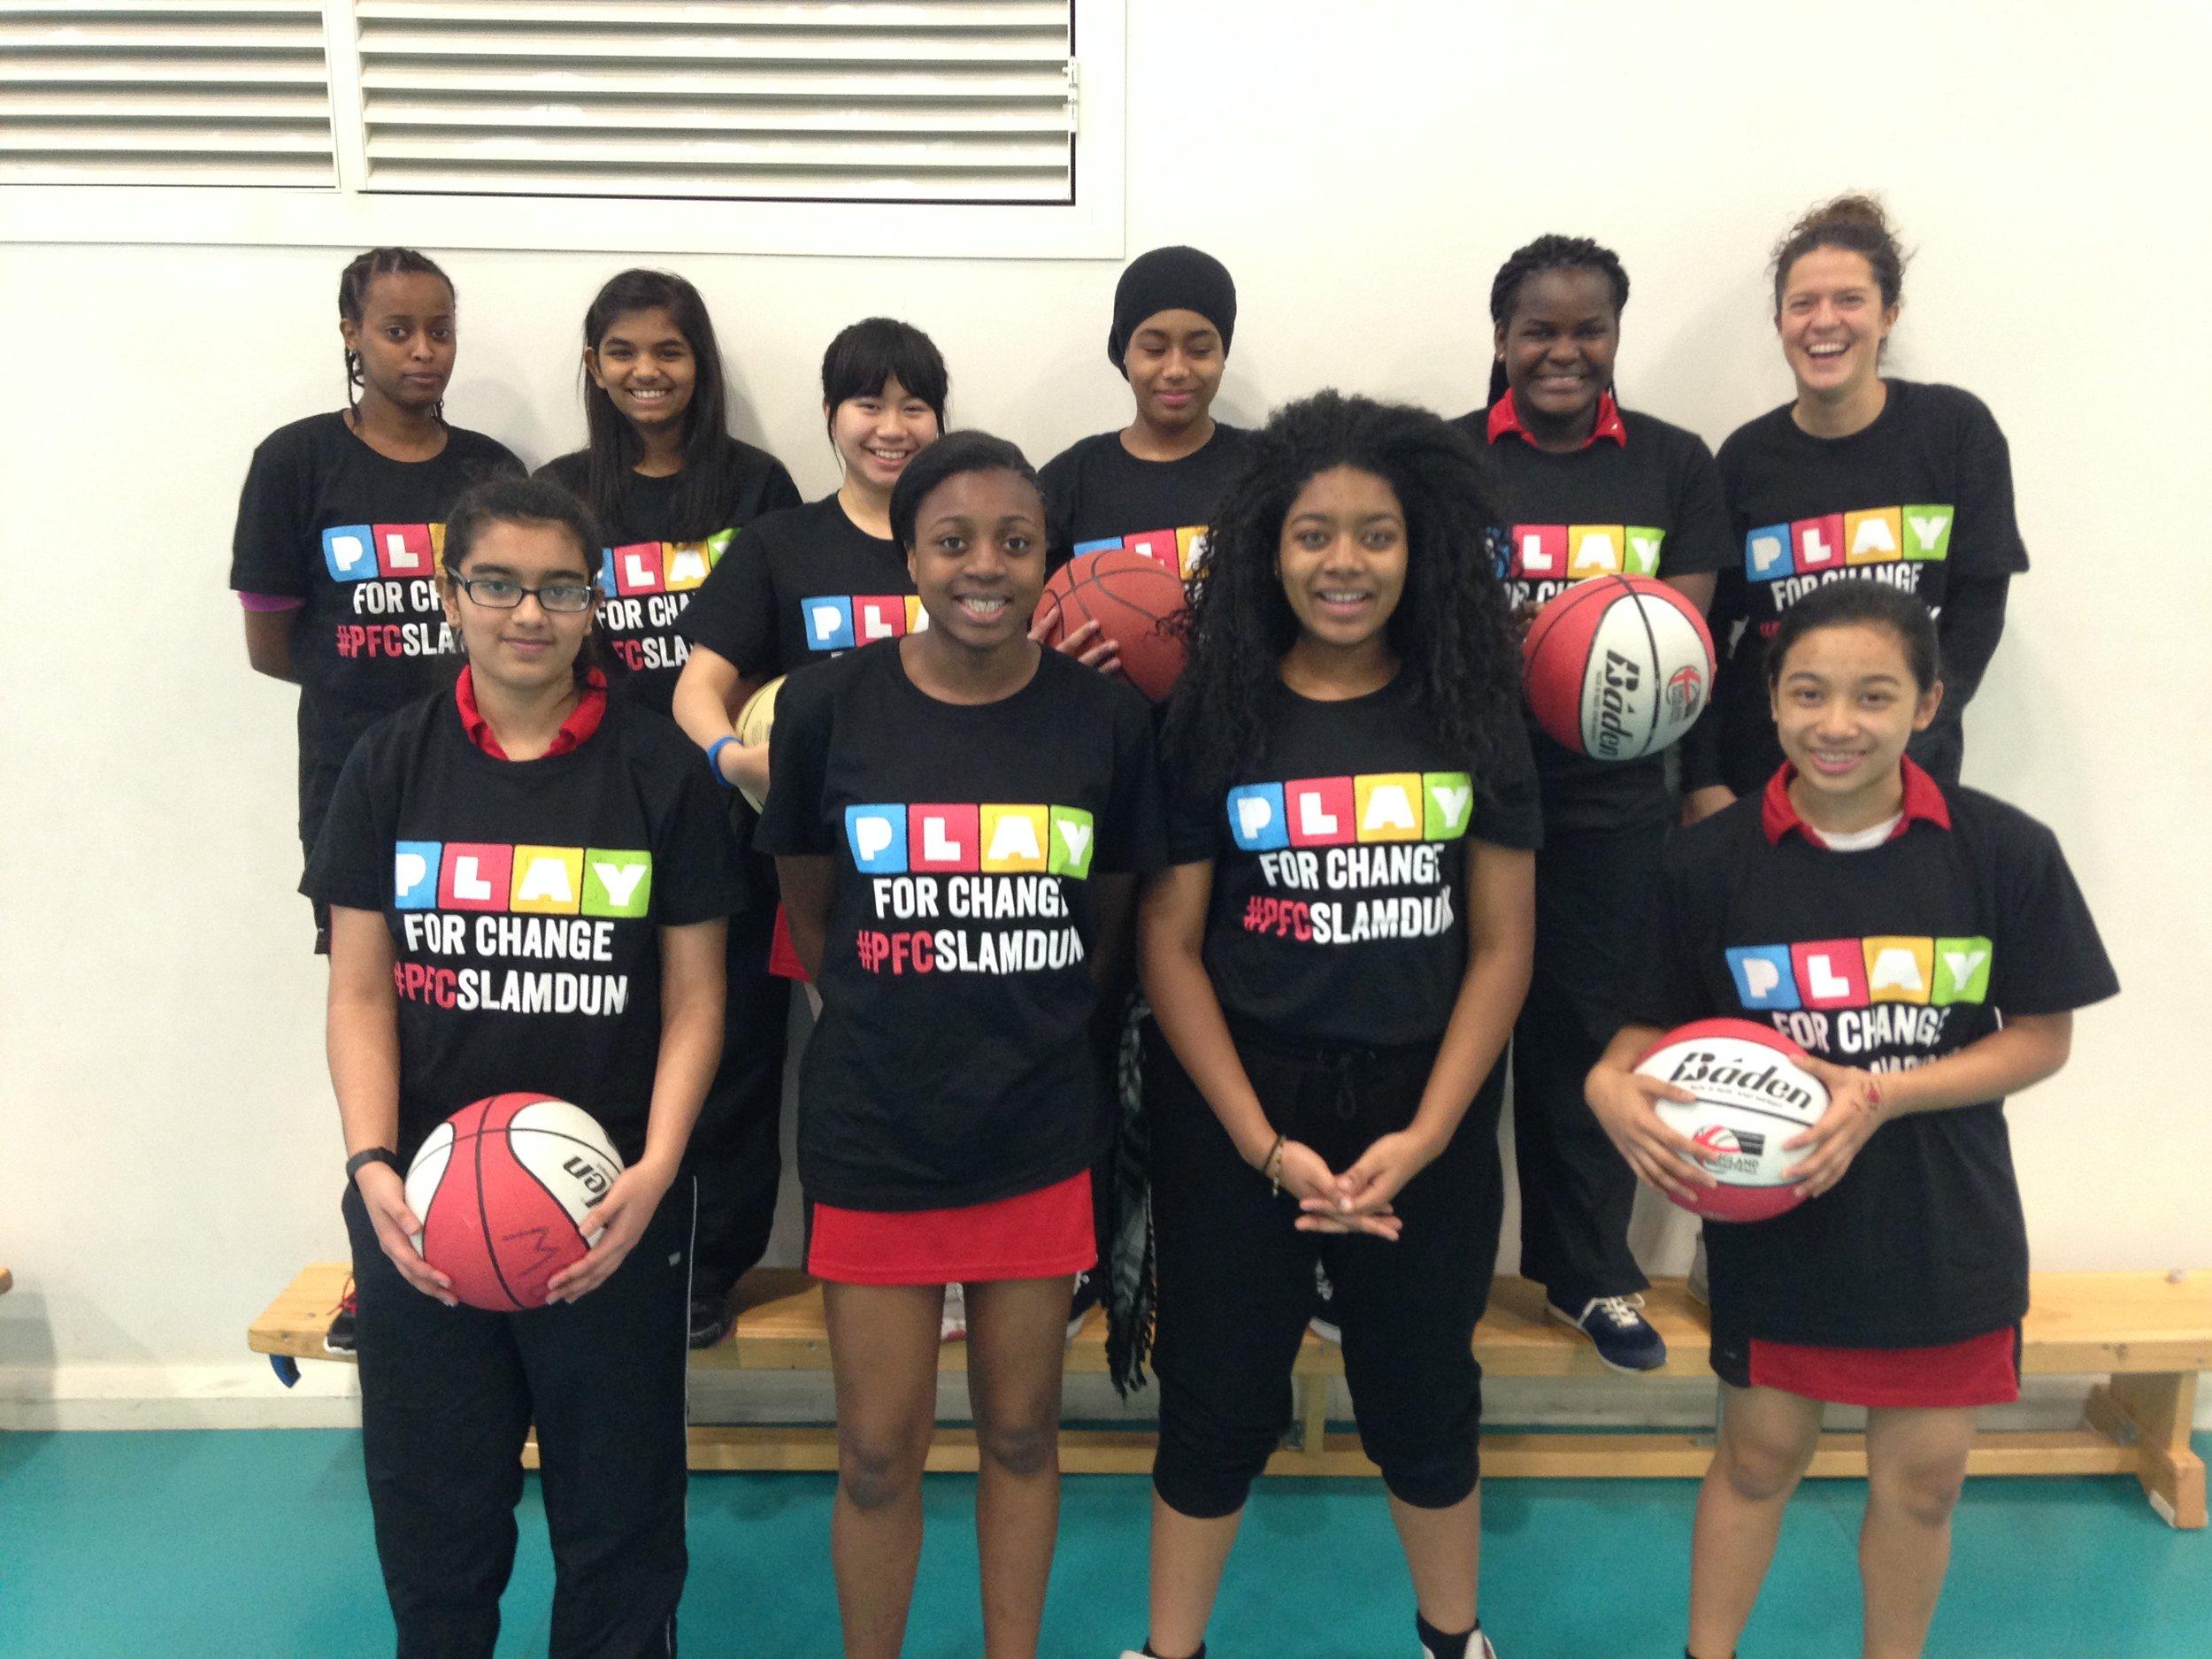 Le giovani ragazze del programma Slam Dunk di Londra.